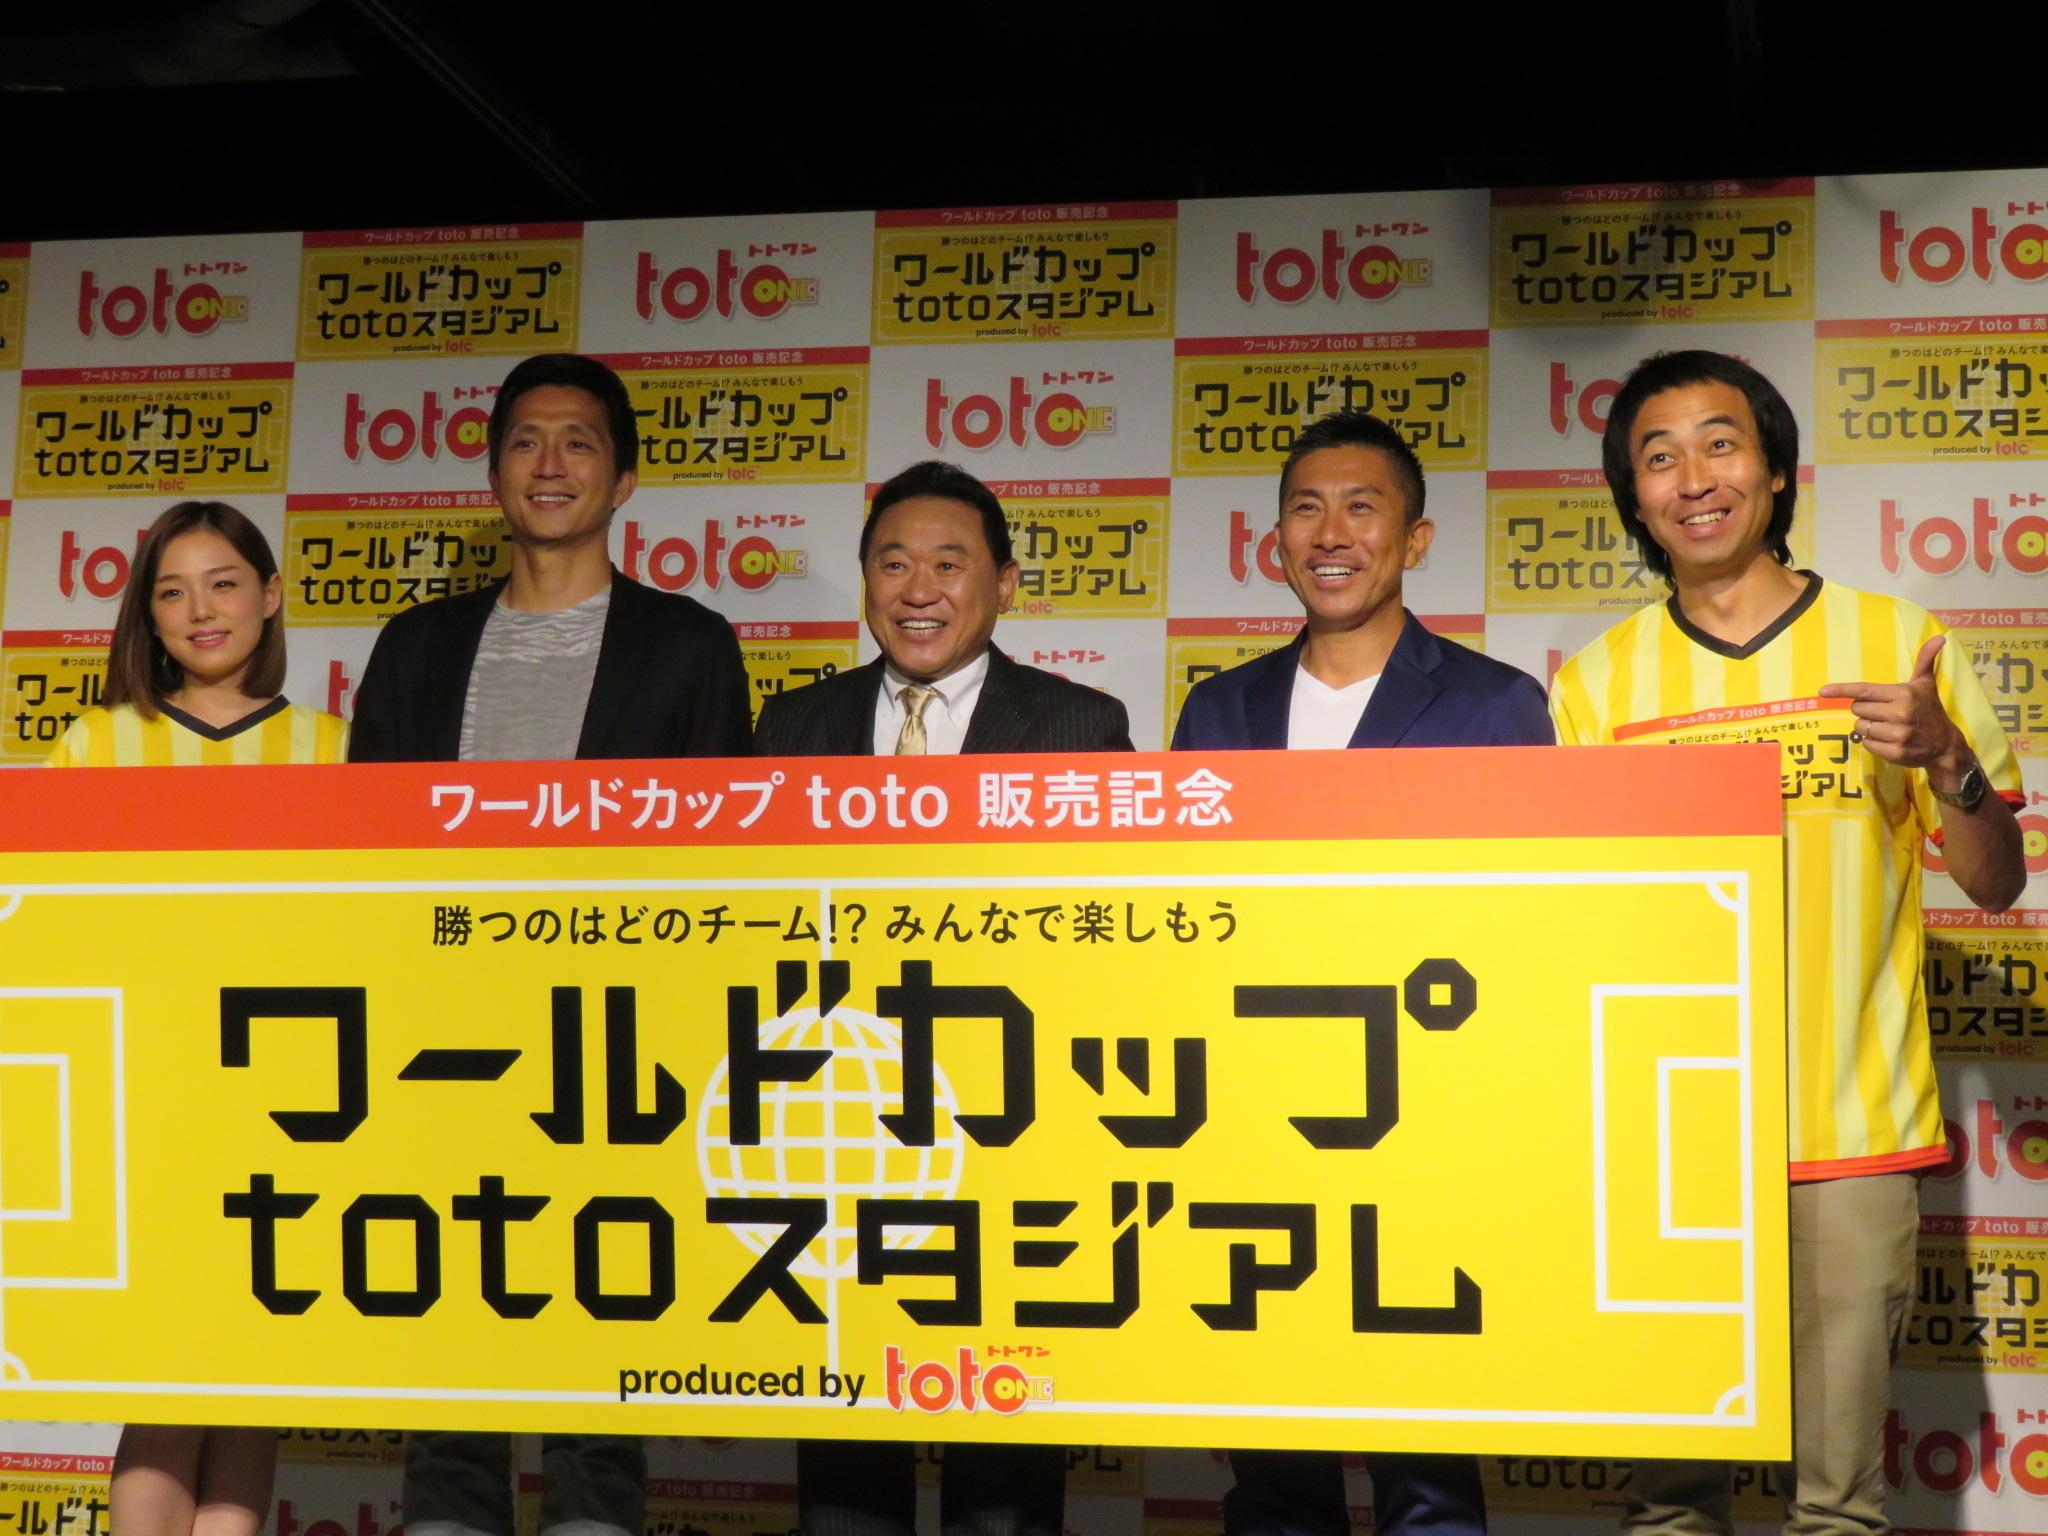 http://news.yoshimoto.co.jp/20180601033410-895b9e5c7e80723e9729bb3f731e43e360b1890f.jpg